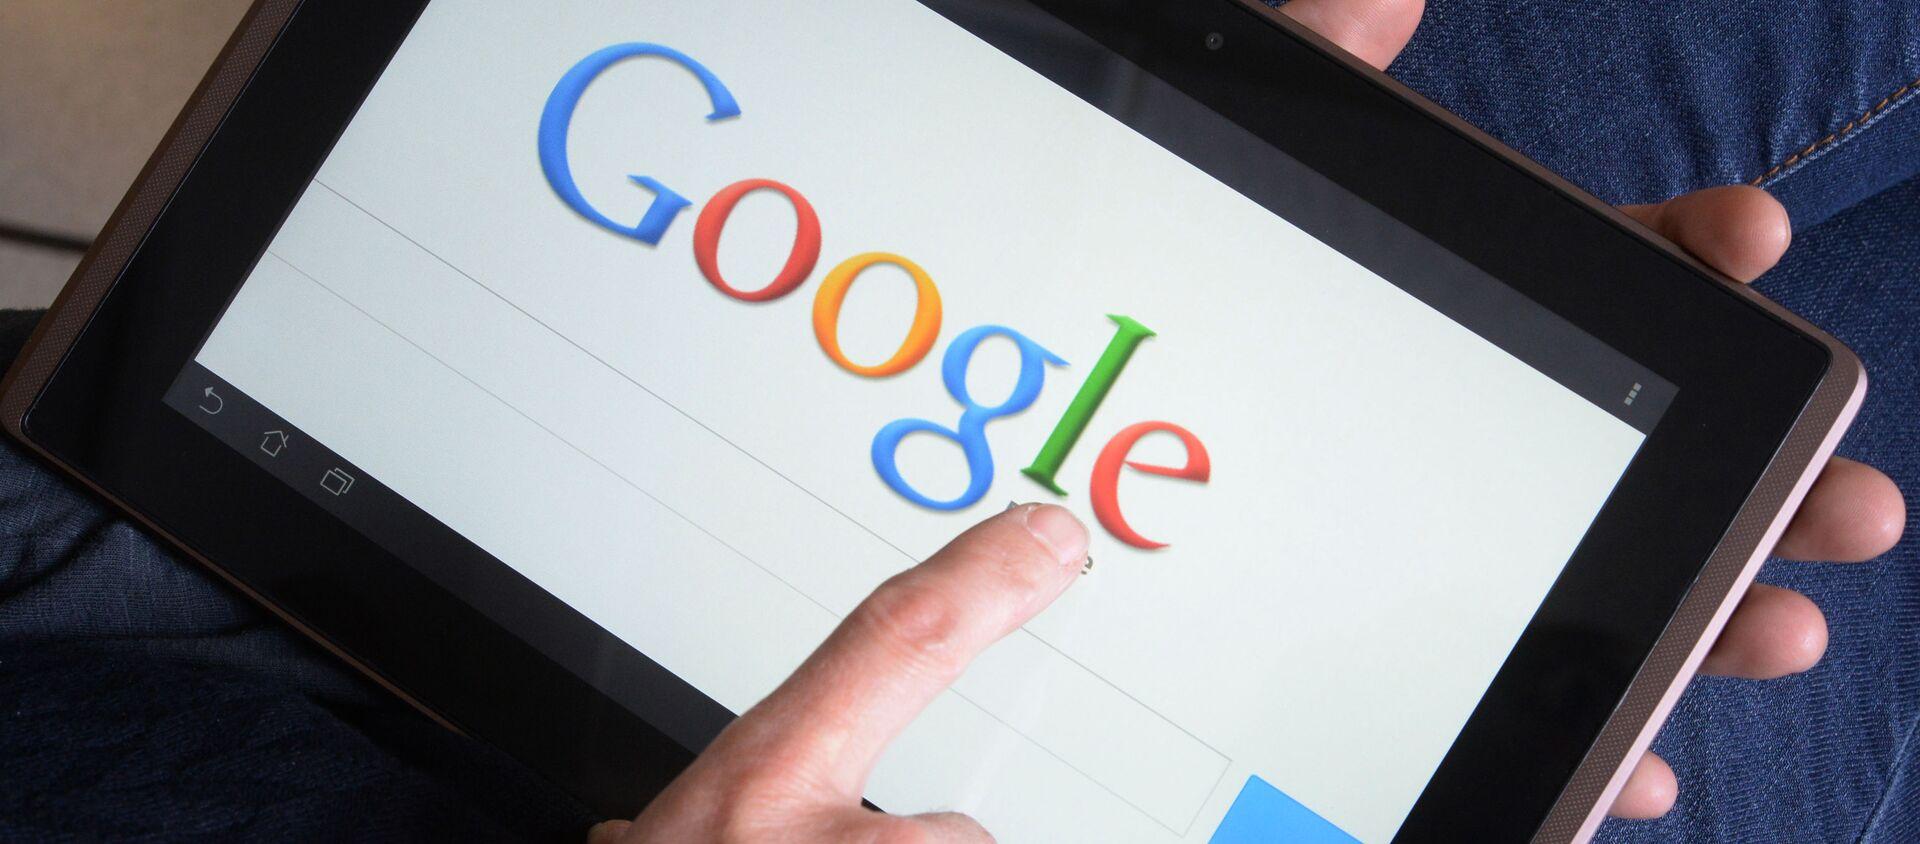 Поисковик Google в планшете - Sputnik Южная Осетия, 1920, 17.05.2019